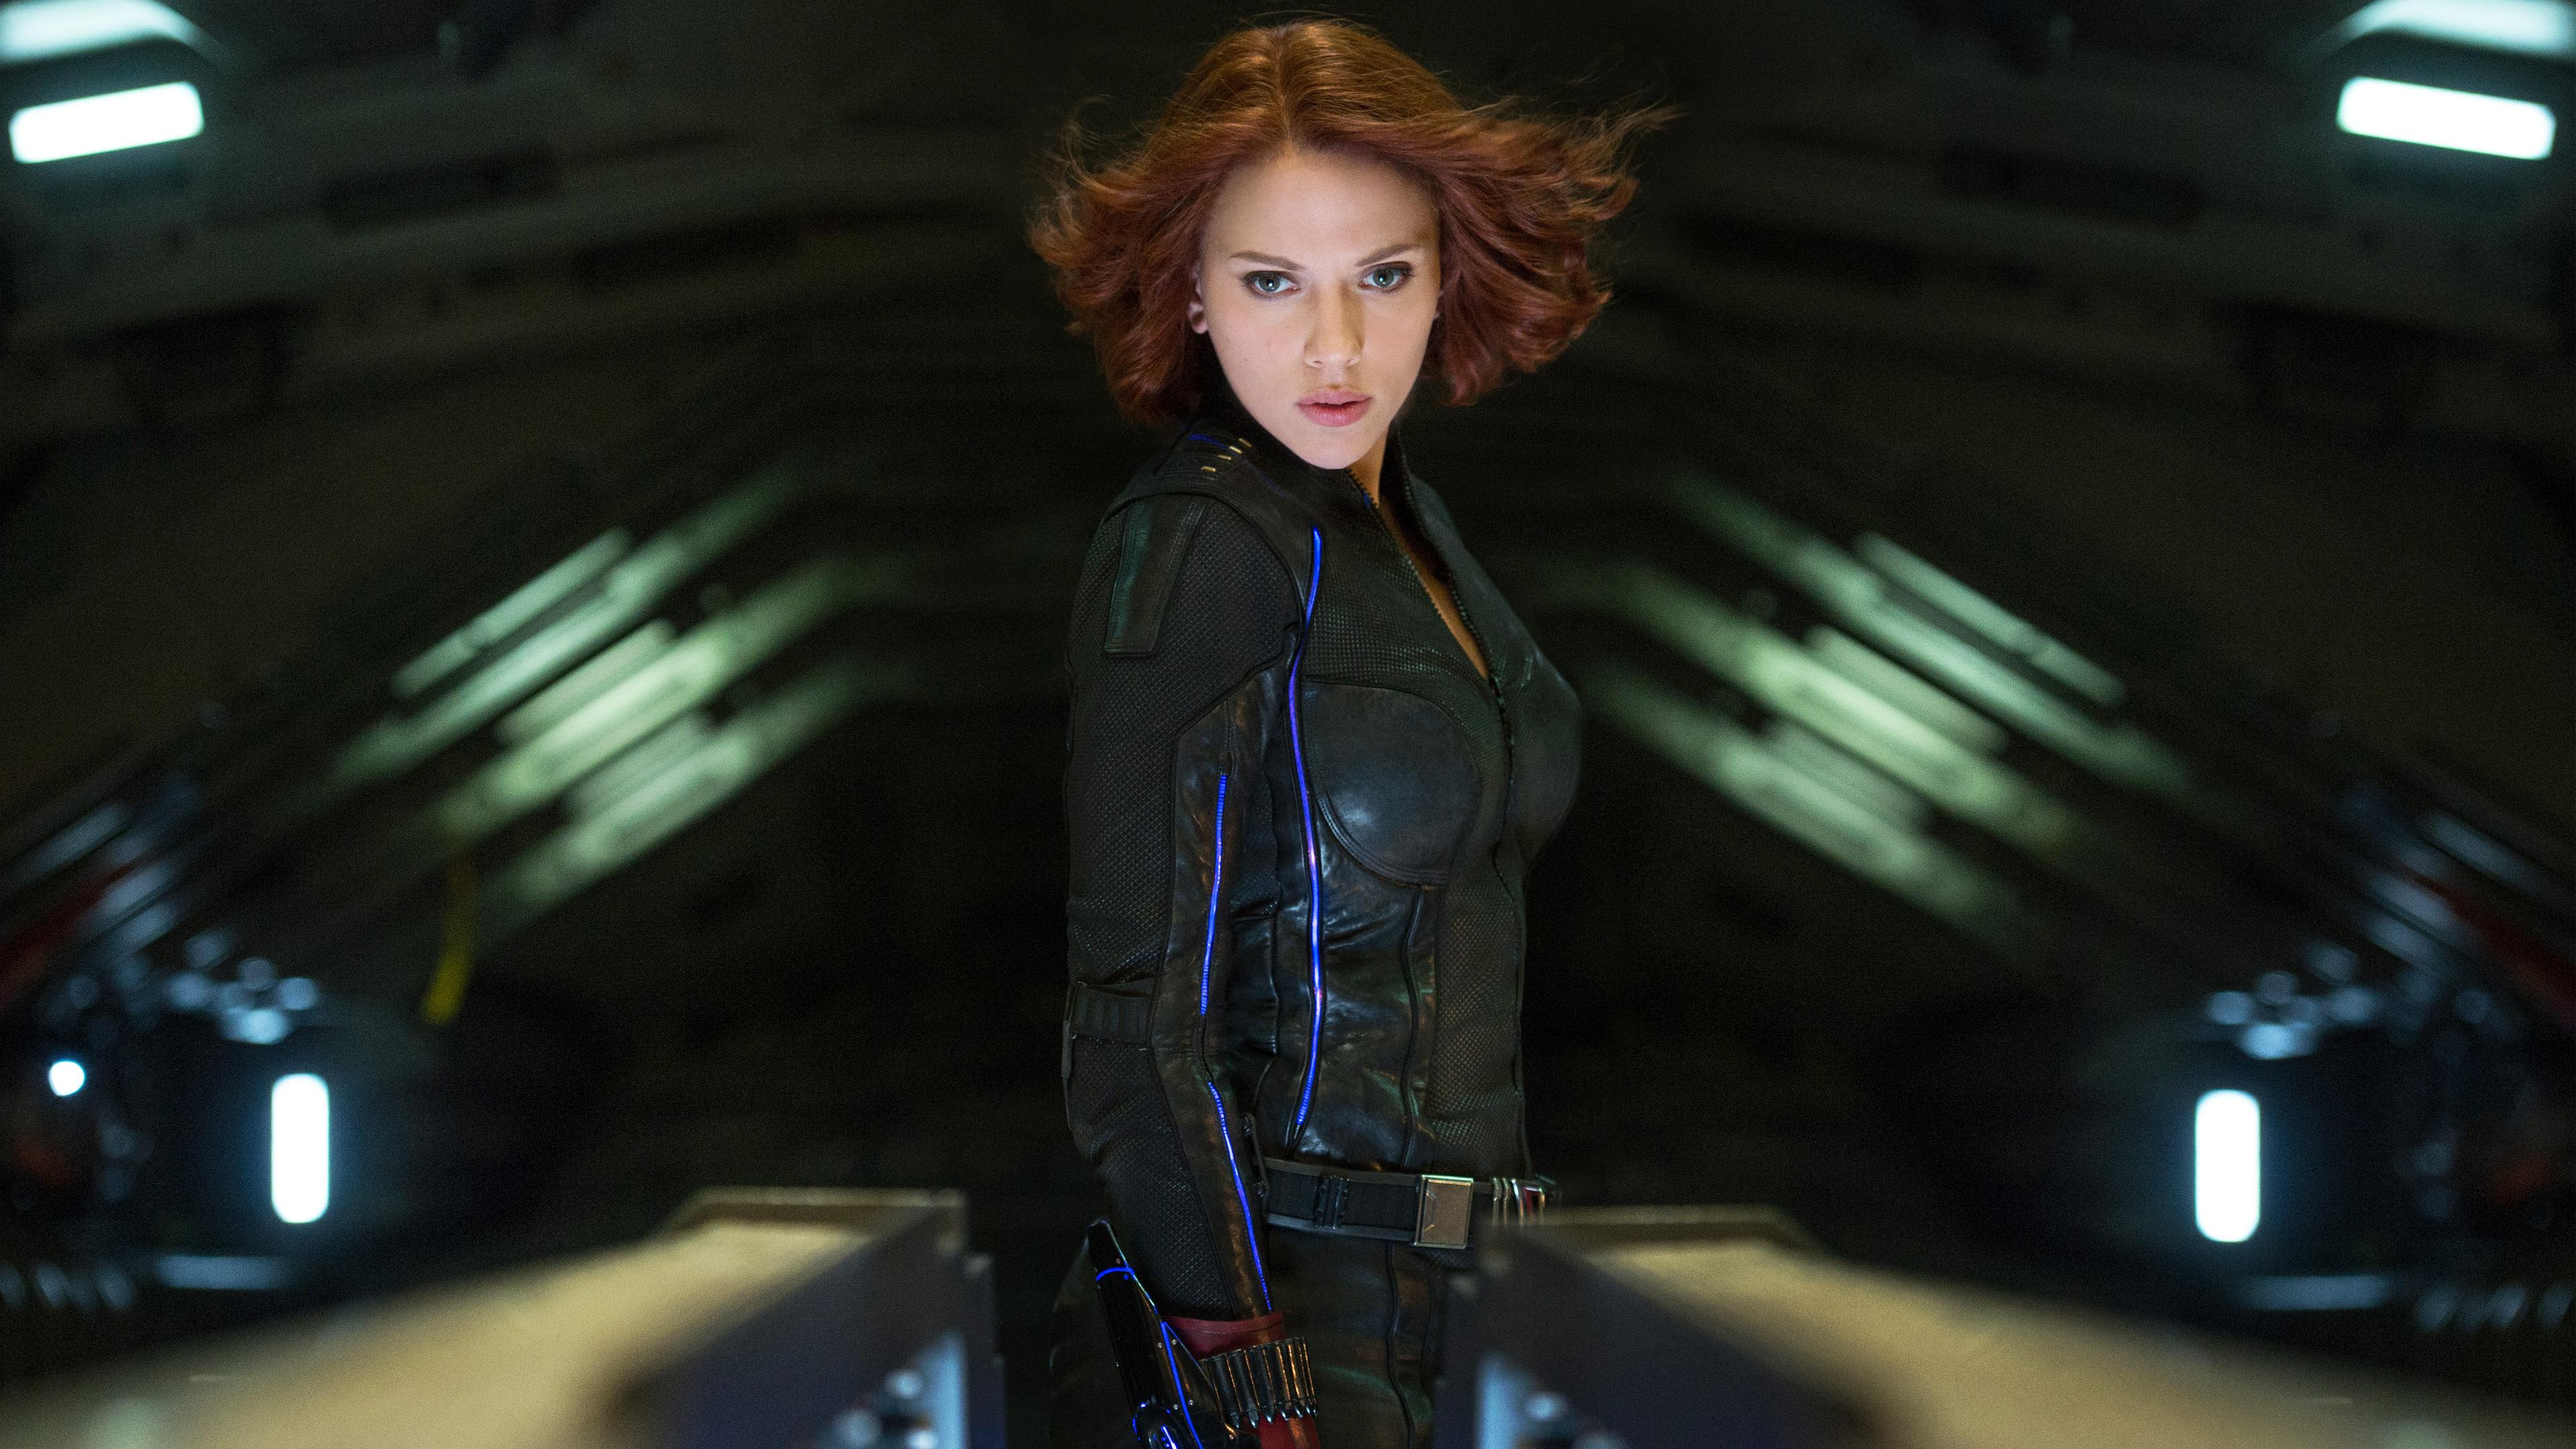 Avengers Scarlett Johansson Wallpaper